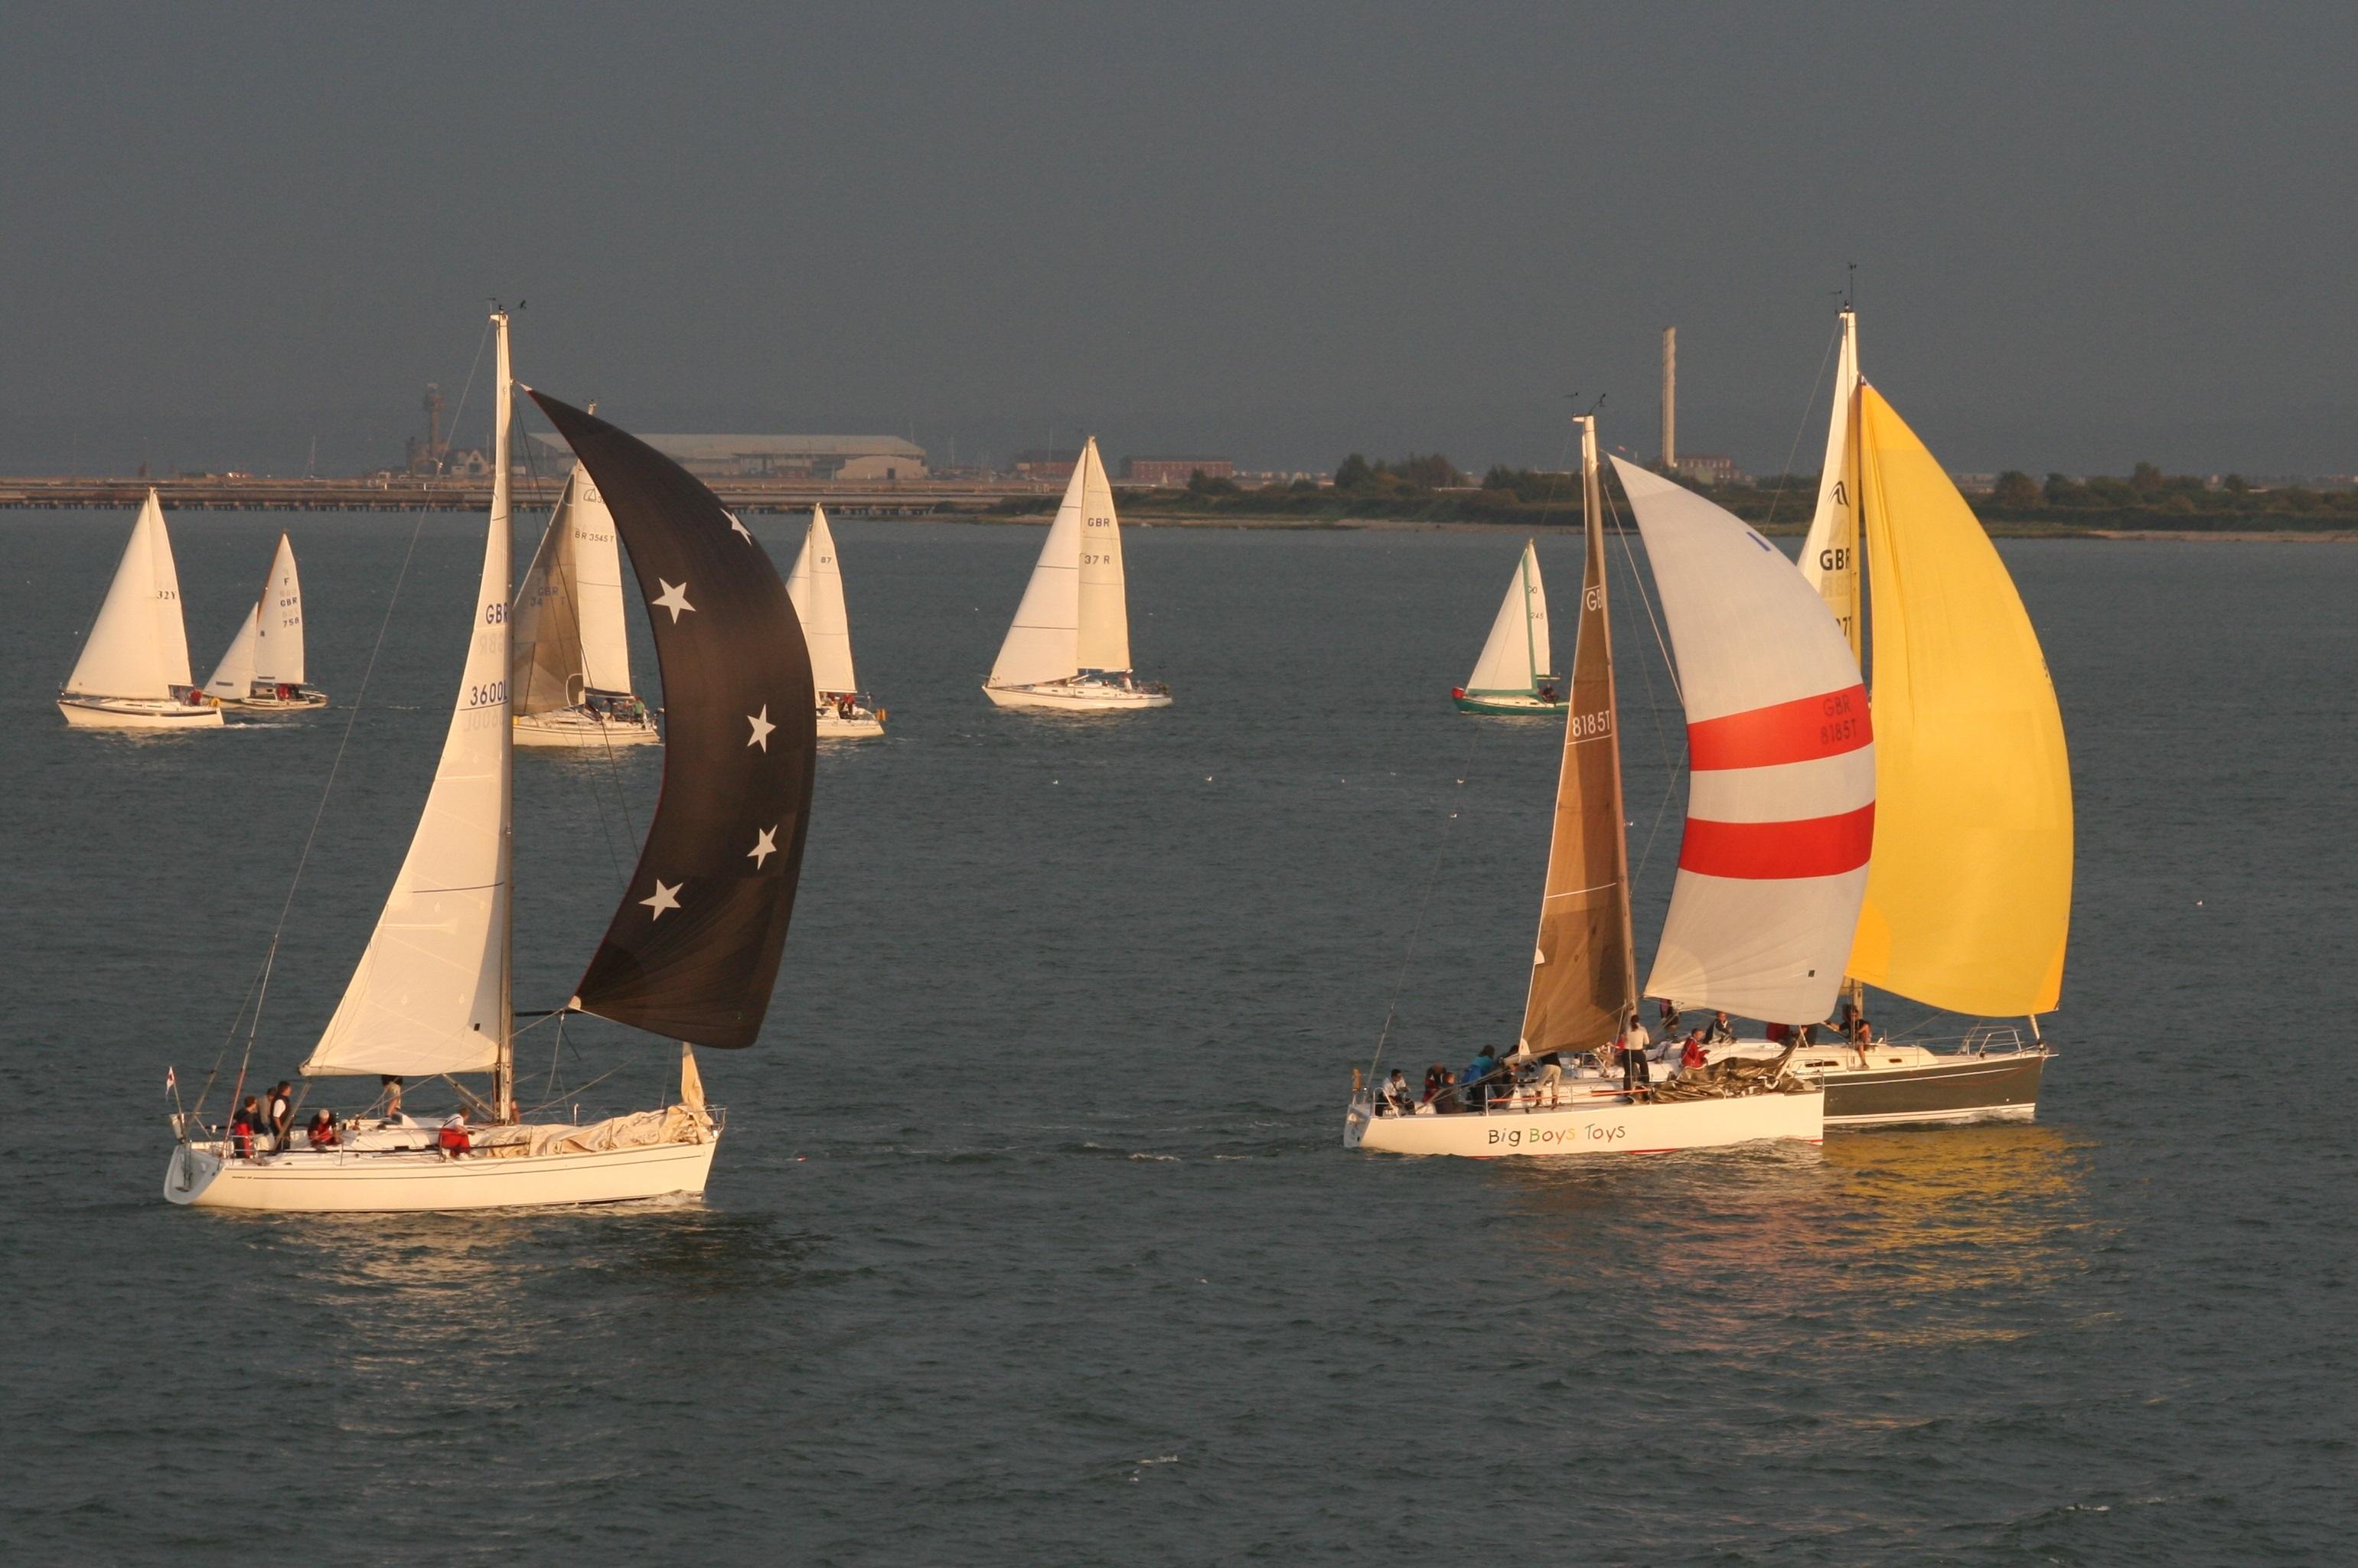 эстетических фото лодки с парусами рубежом такие строения